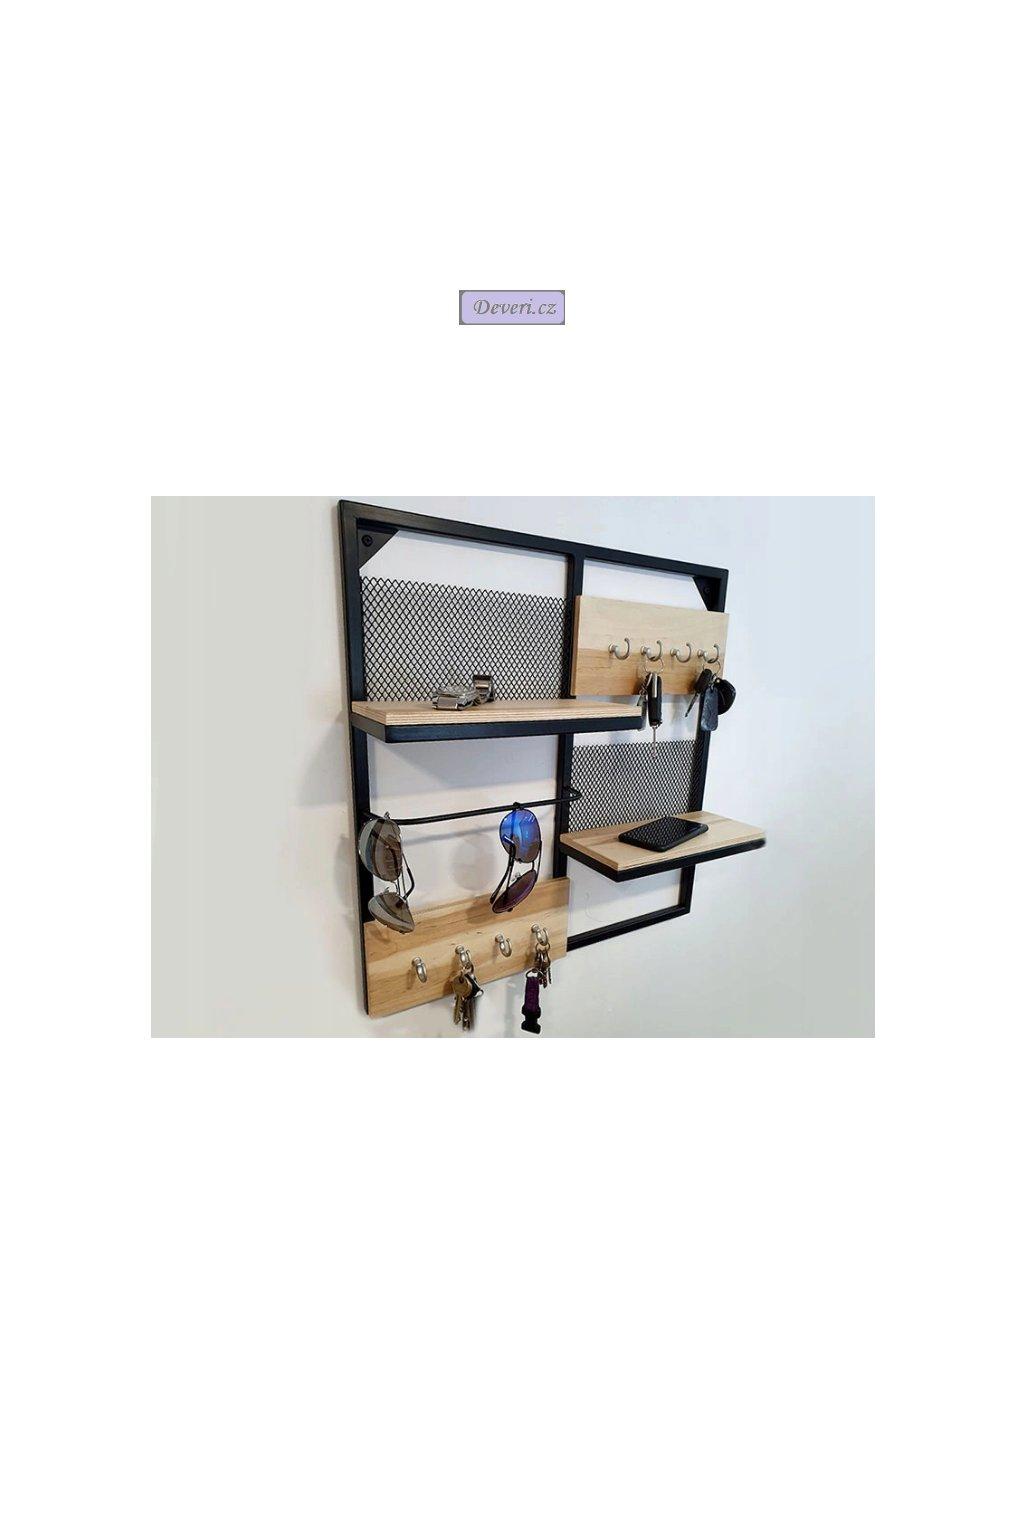 Dřevěná nástěnná polička organizér 13.5x55.5x55.5cm stříbrné háčky (1)